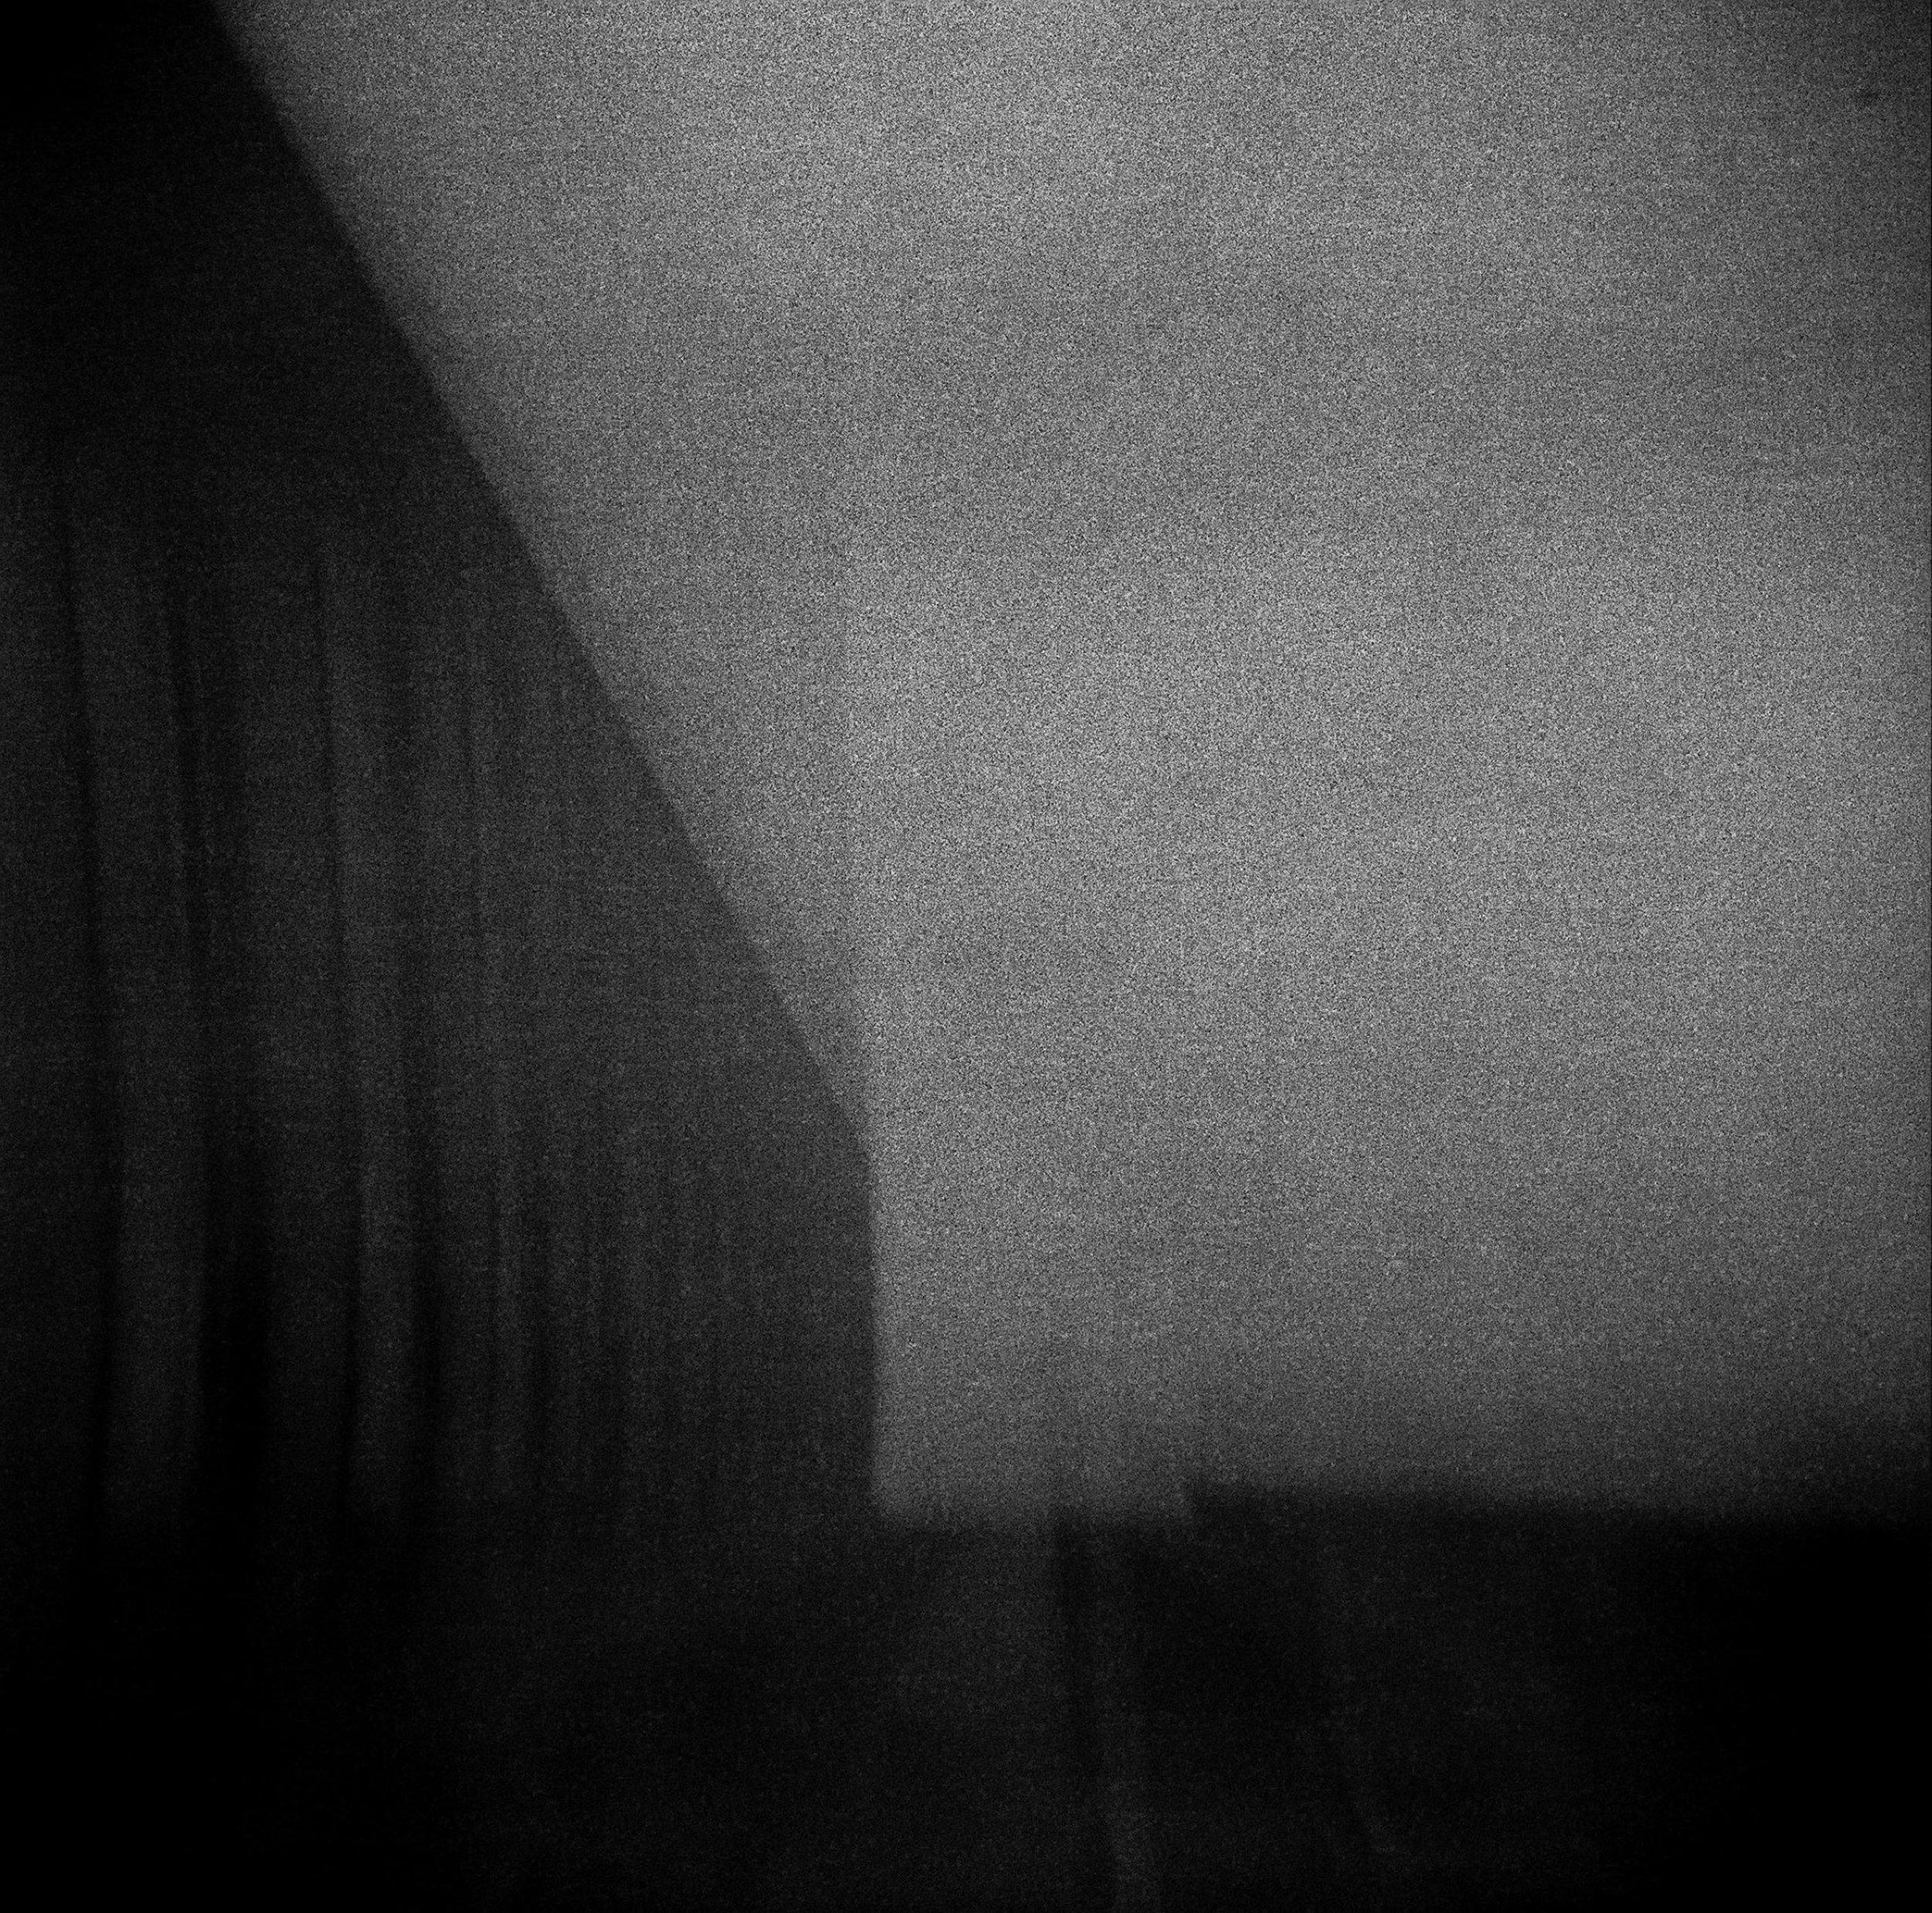 L.Copleston---_0750.jpg